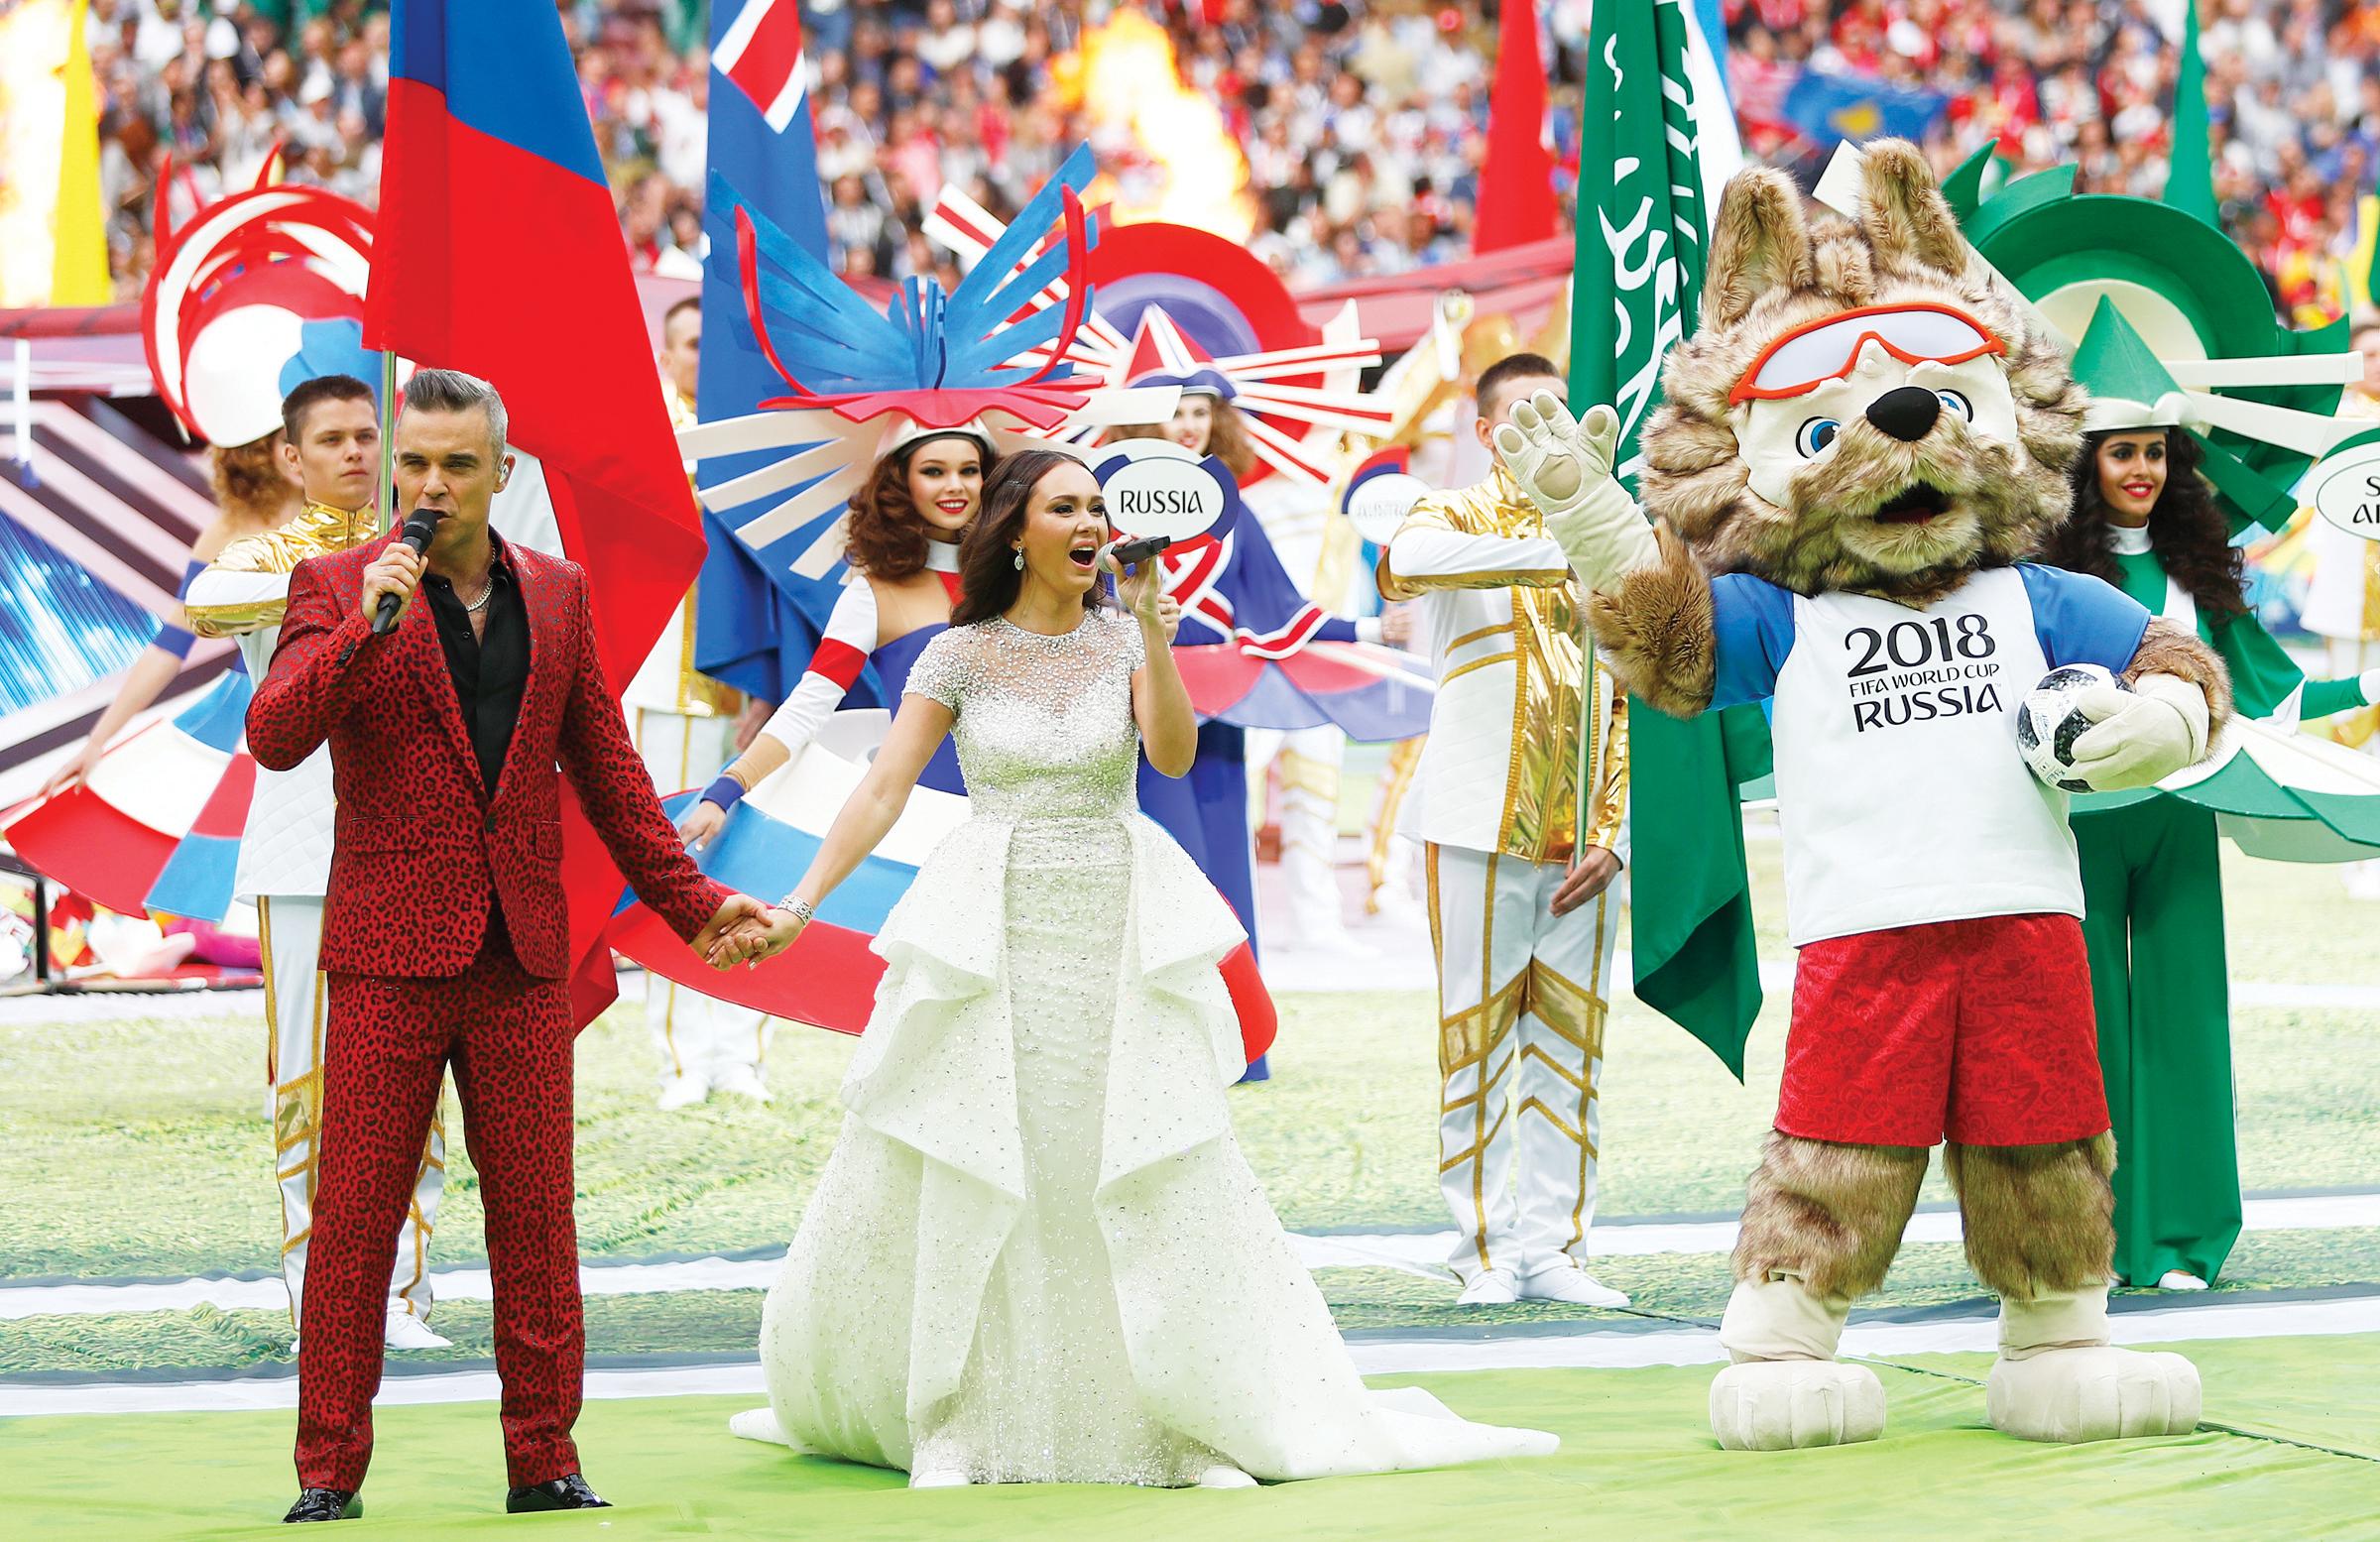 Música y coloridos adornan el Mundial de Rusia